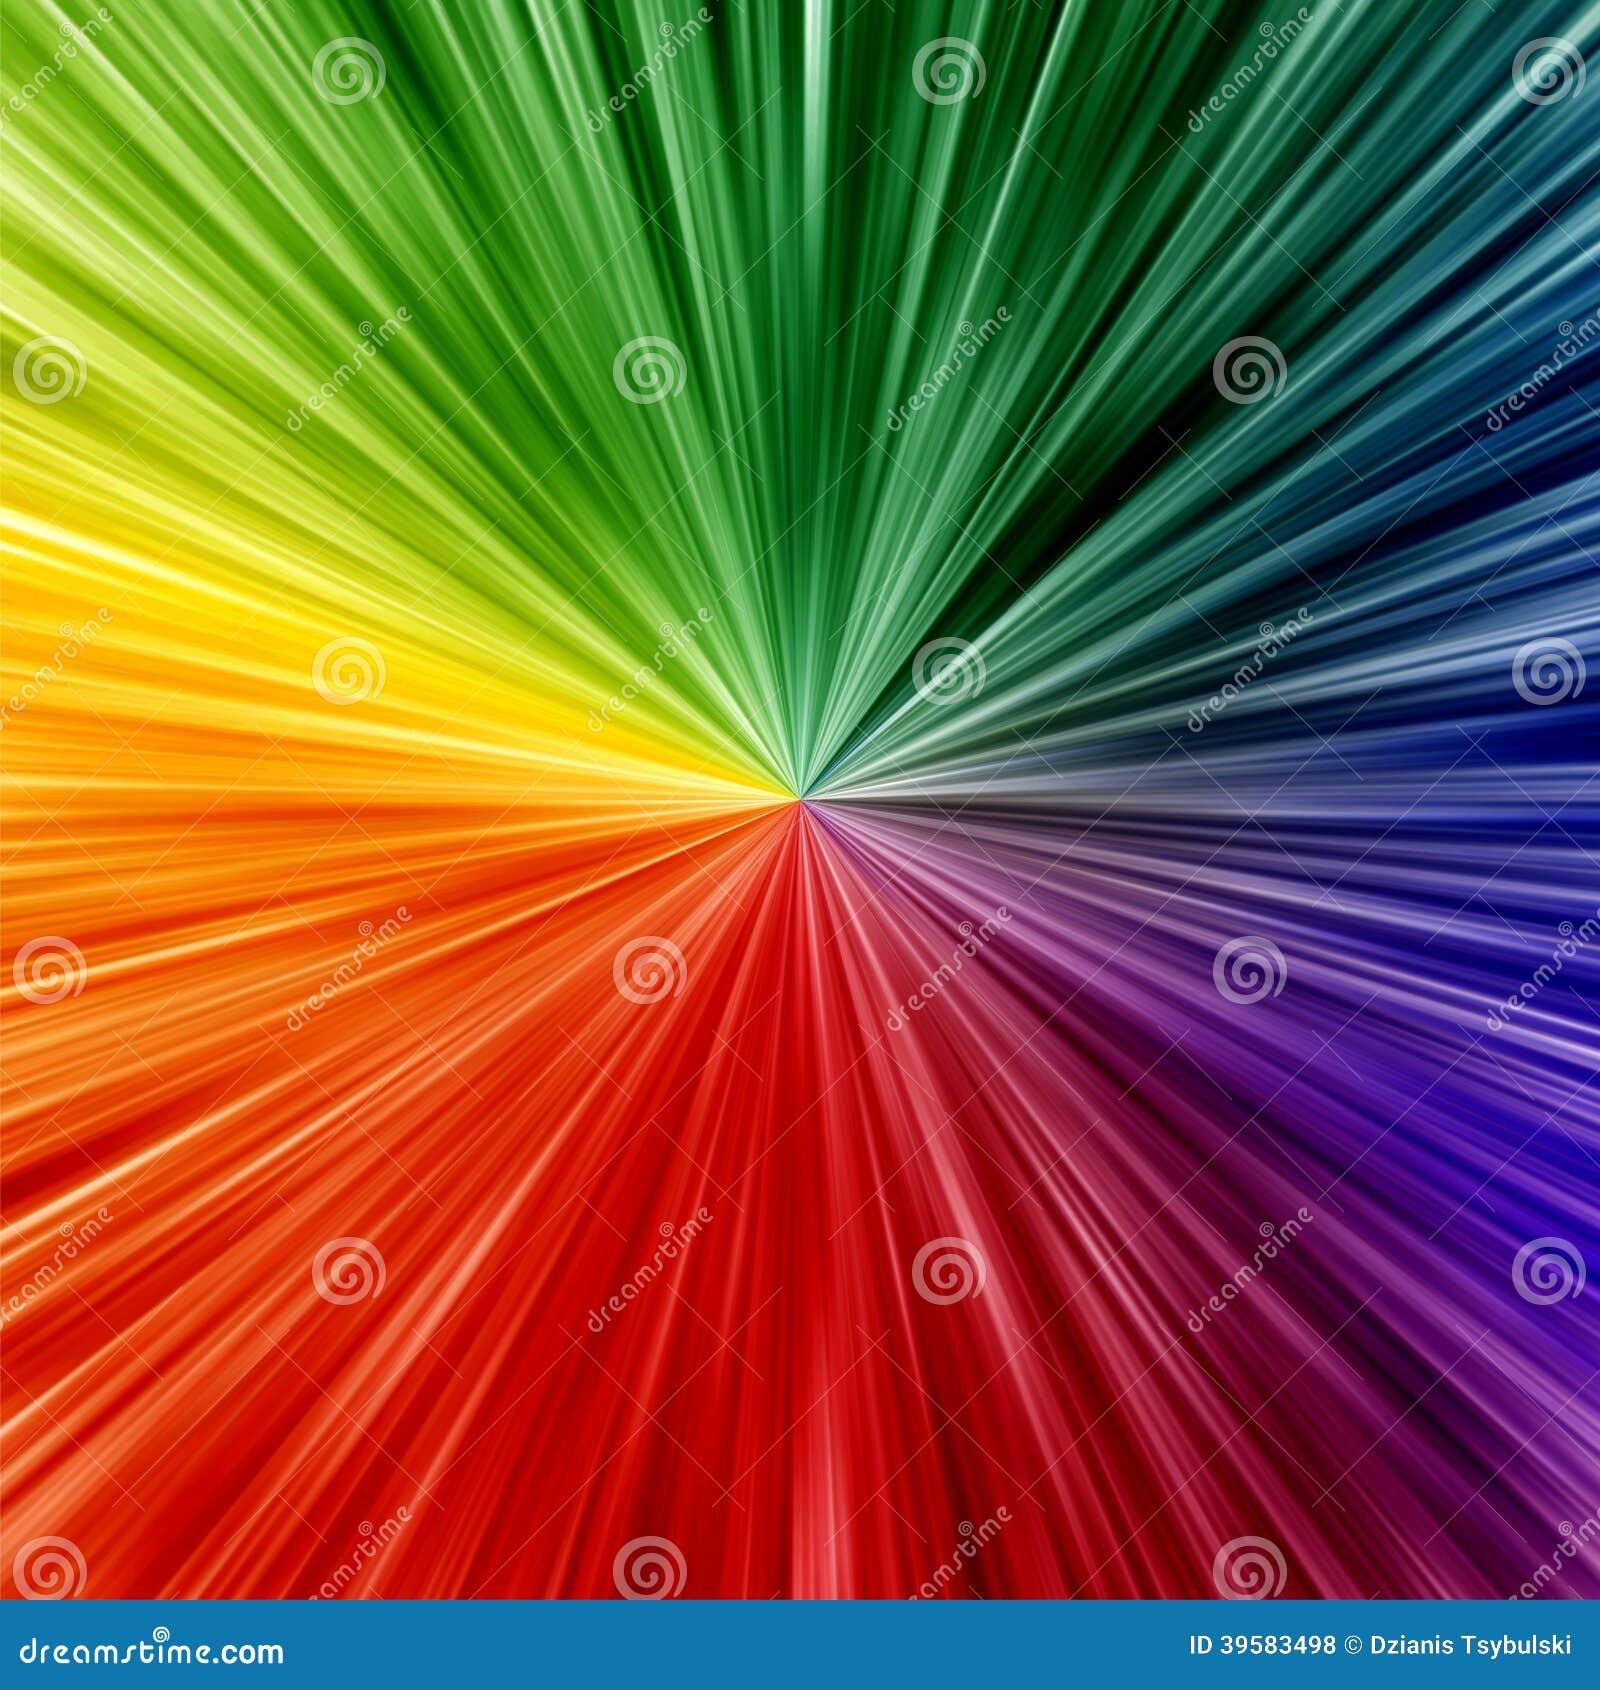 Kunstregenbogen färbt abstrakten Zoomhintergrund